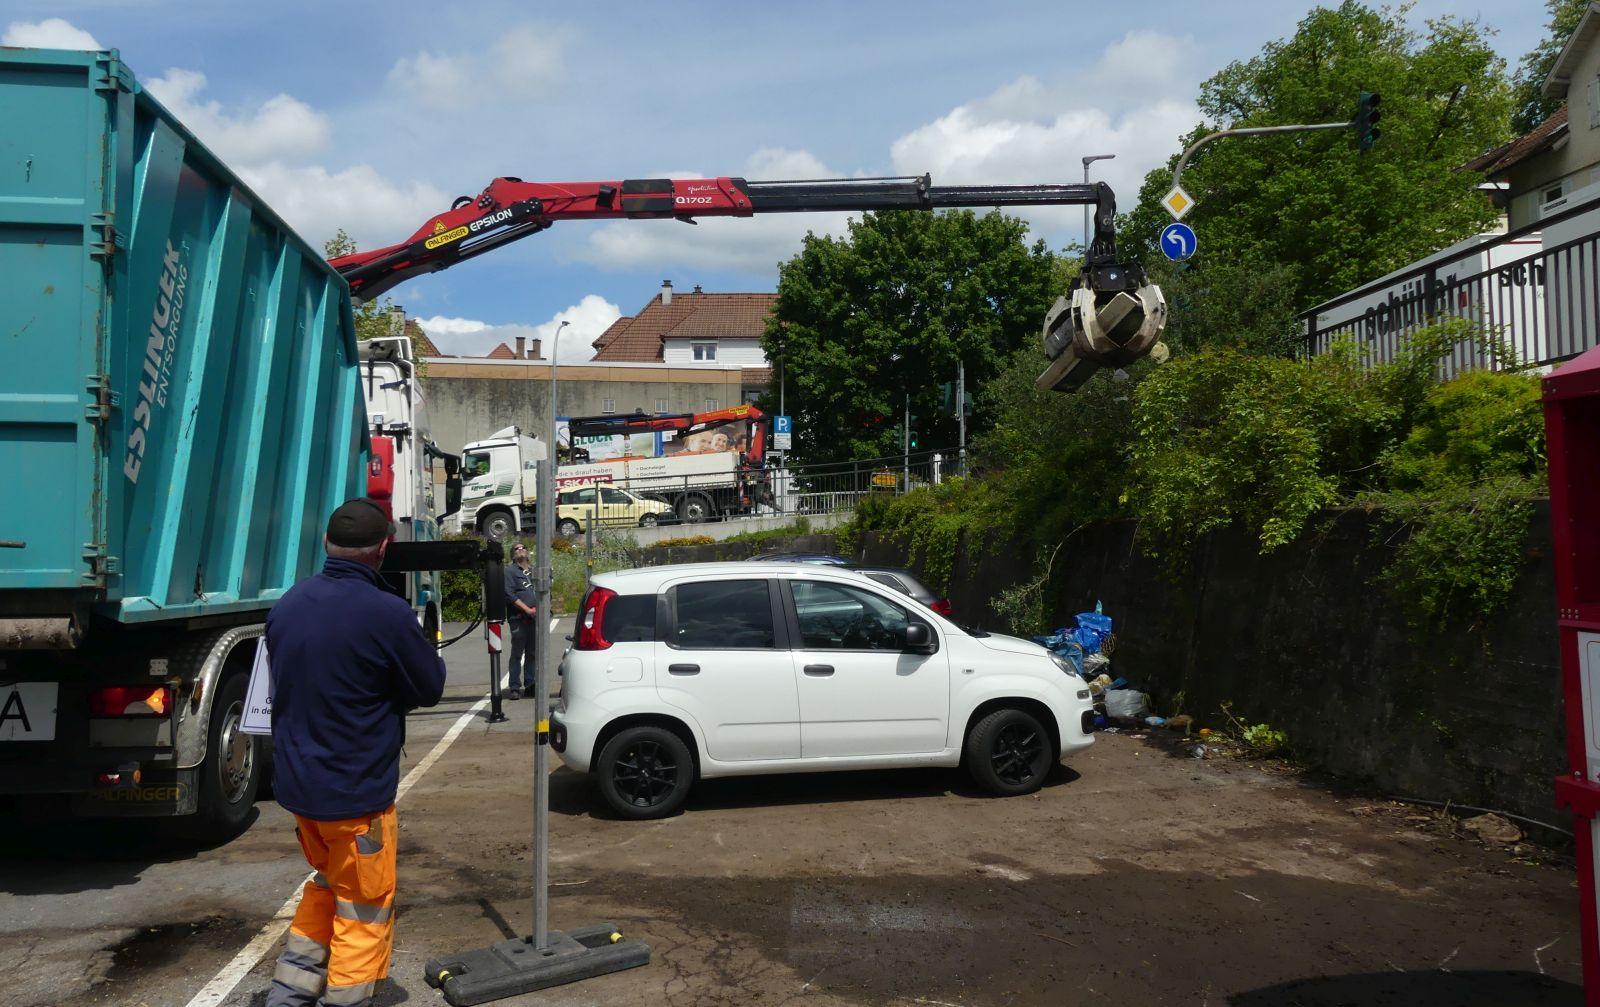 Mit einem Kran lädt ein Müllwerker den Restmnüll vom Schweizer-Parkplatz in den Container. Fotos: him